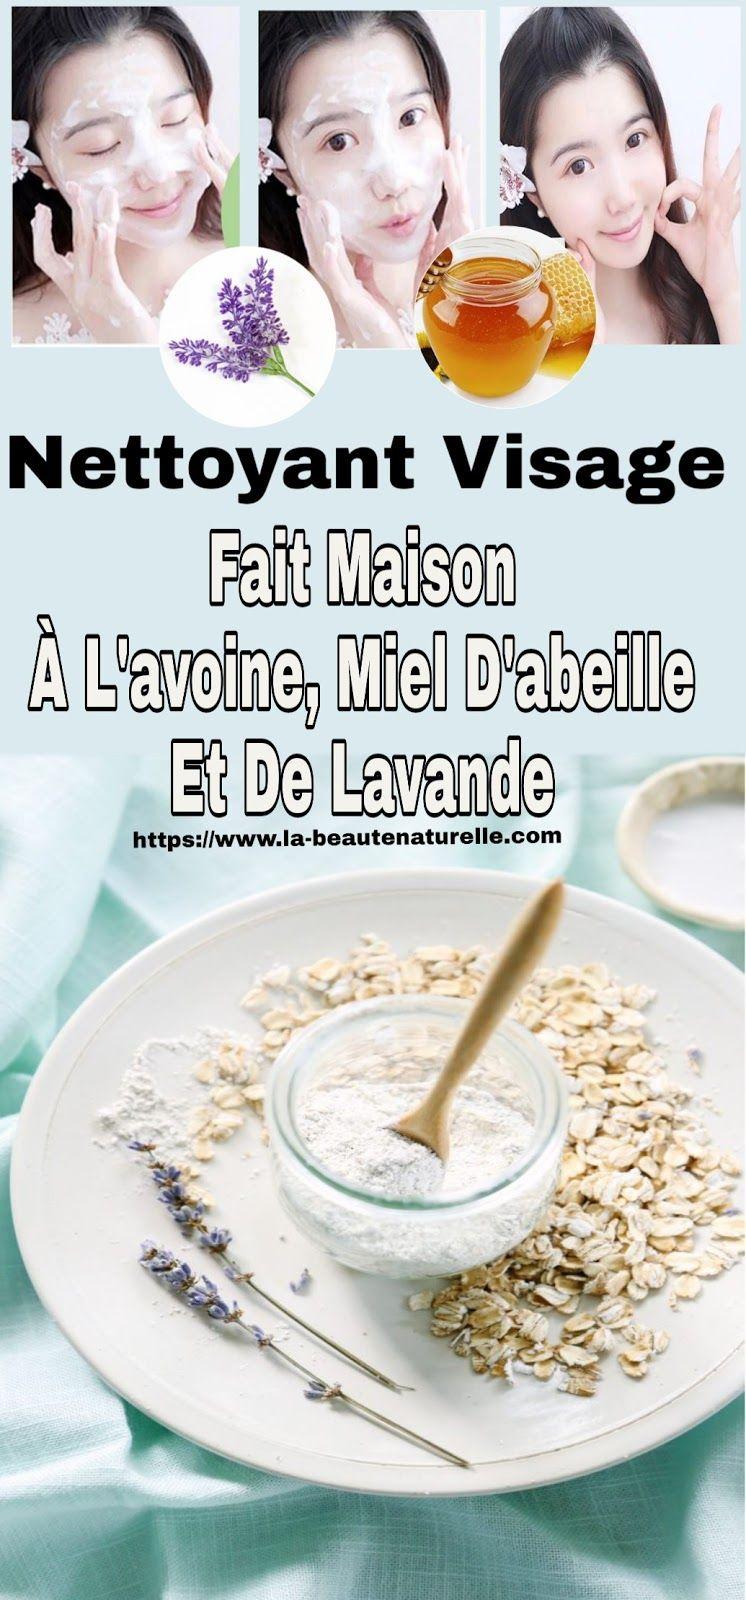 Nettoyant Visage fait maison à lavoine, miel dabeille et de lavande